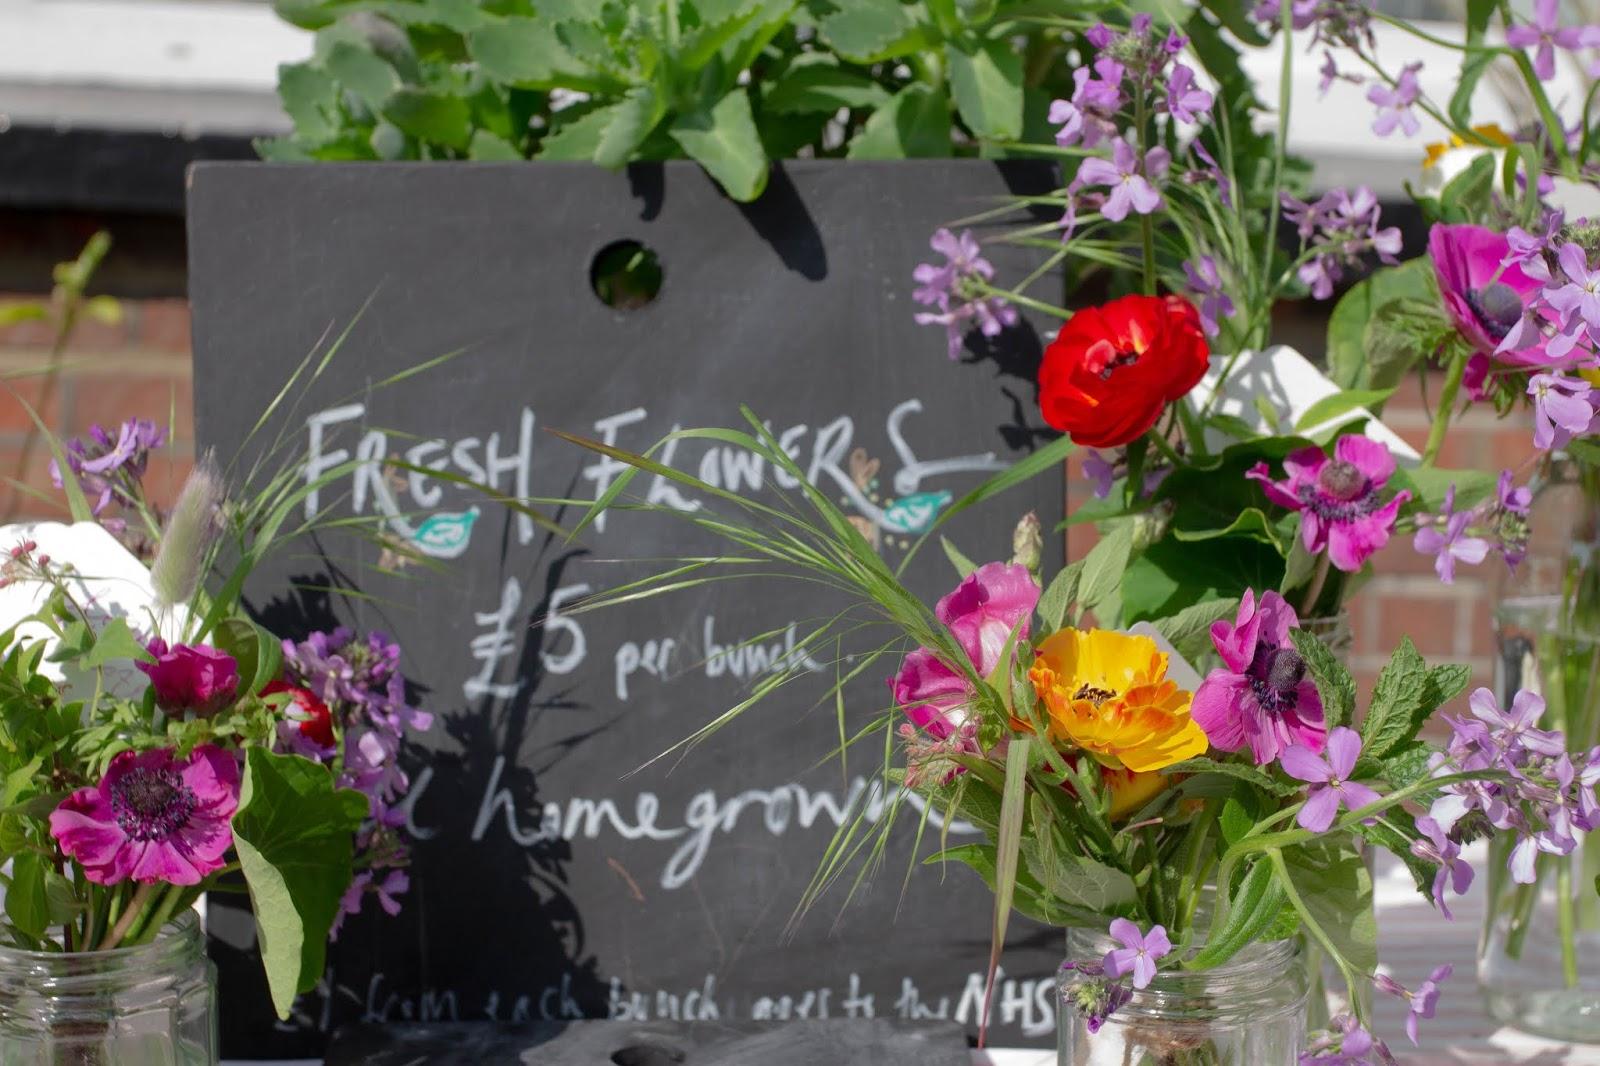 Flower_stall_6